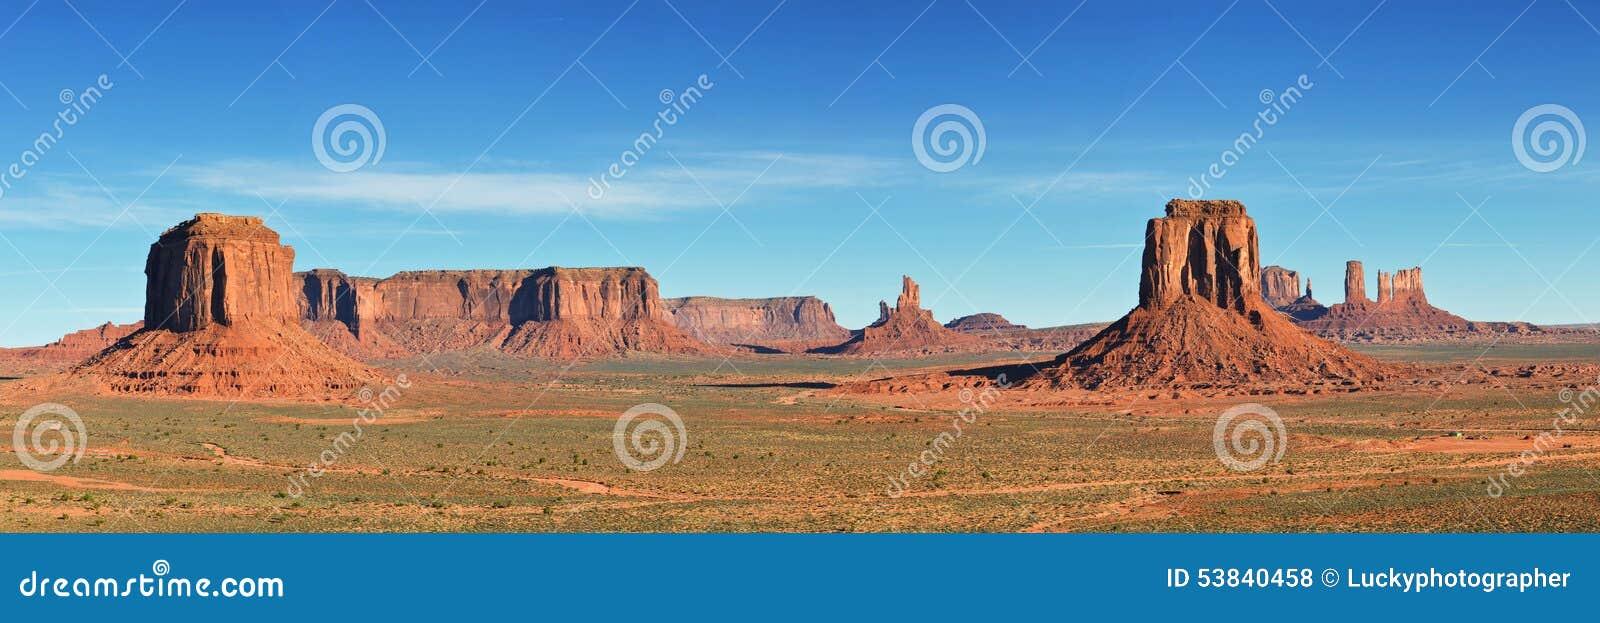 纪念碑谷,沙漠峡谷在美国,全景图象